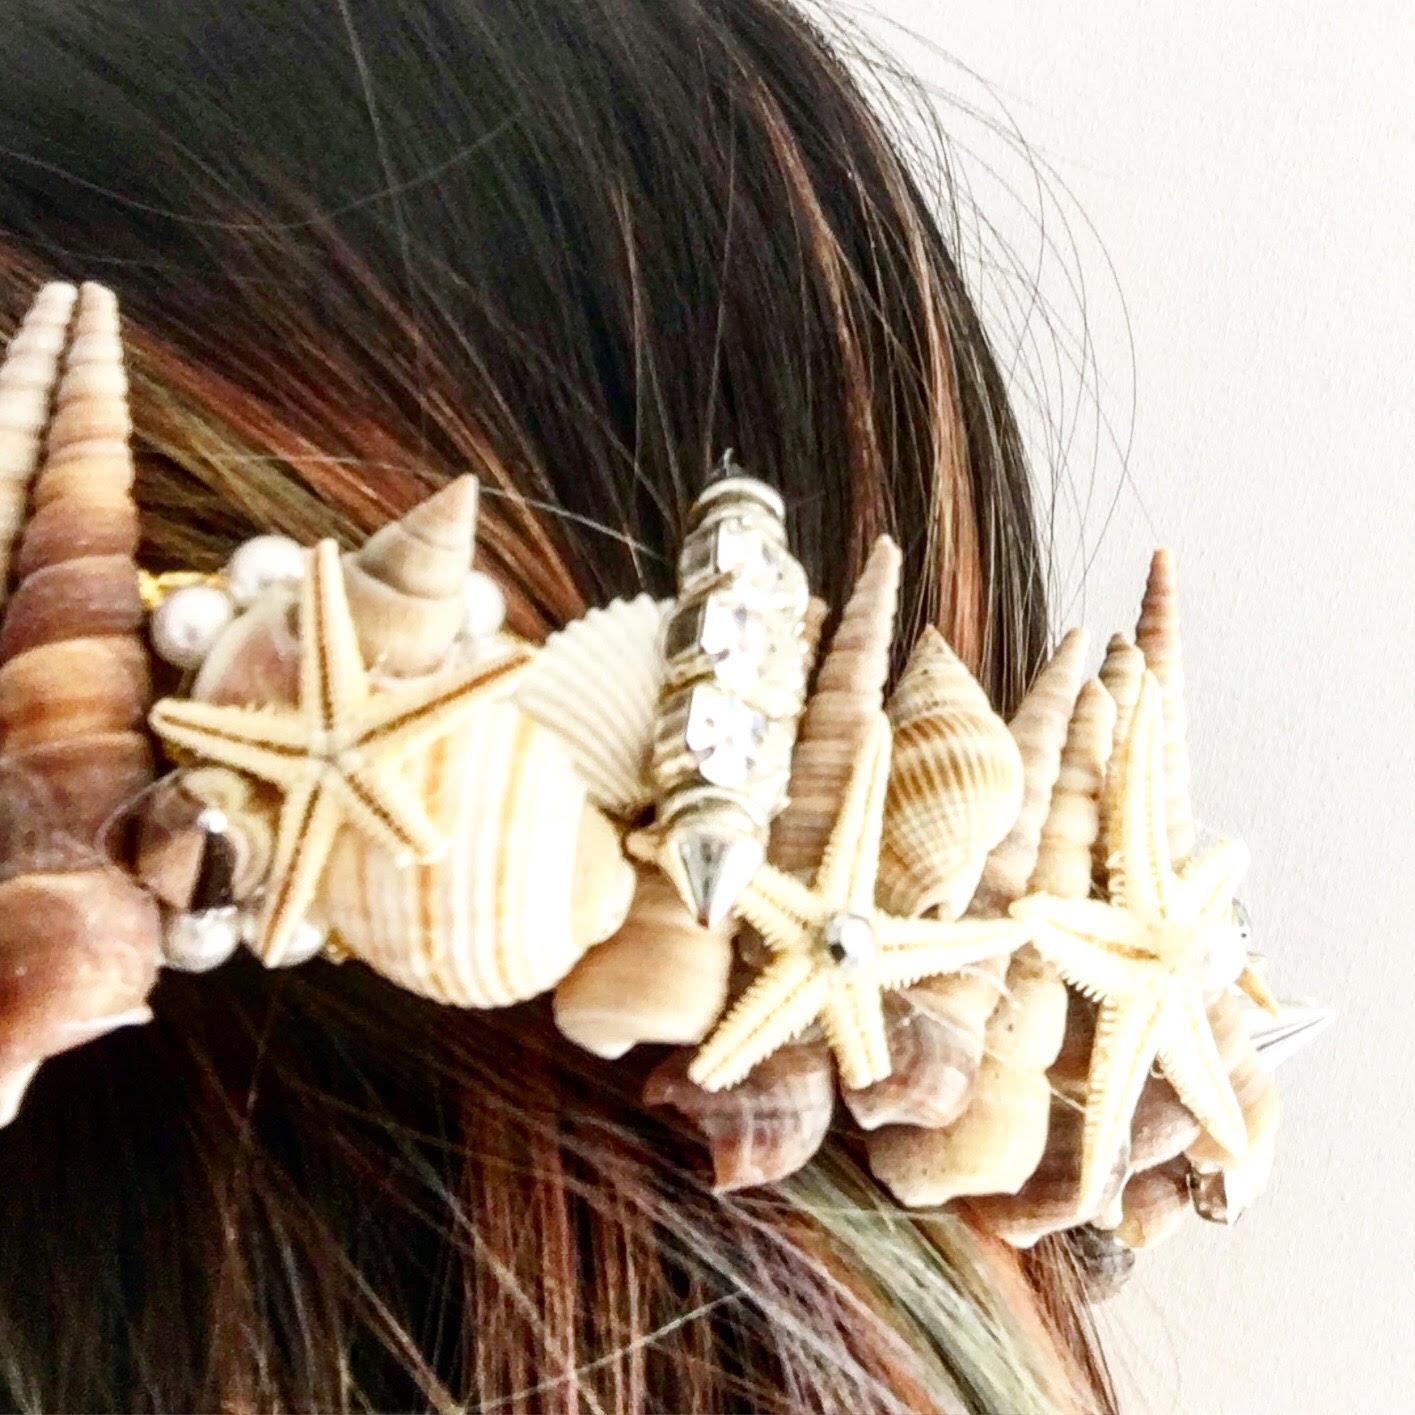 Handmade mermaid crown